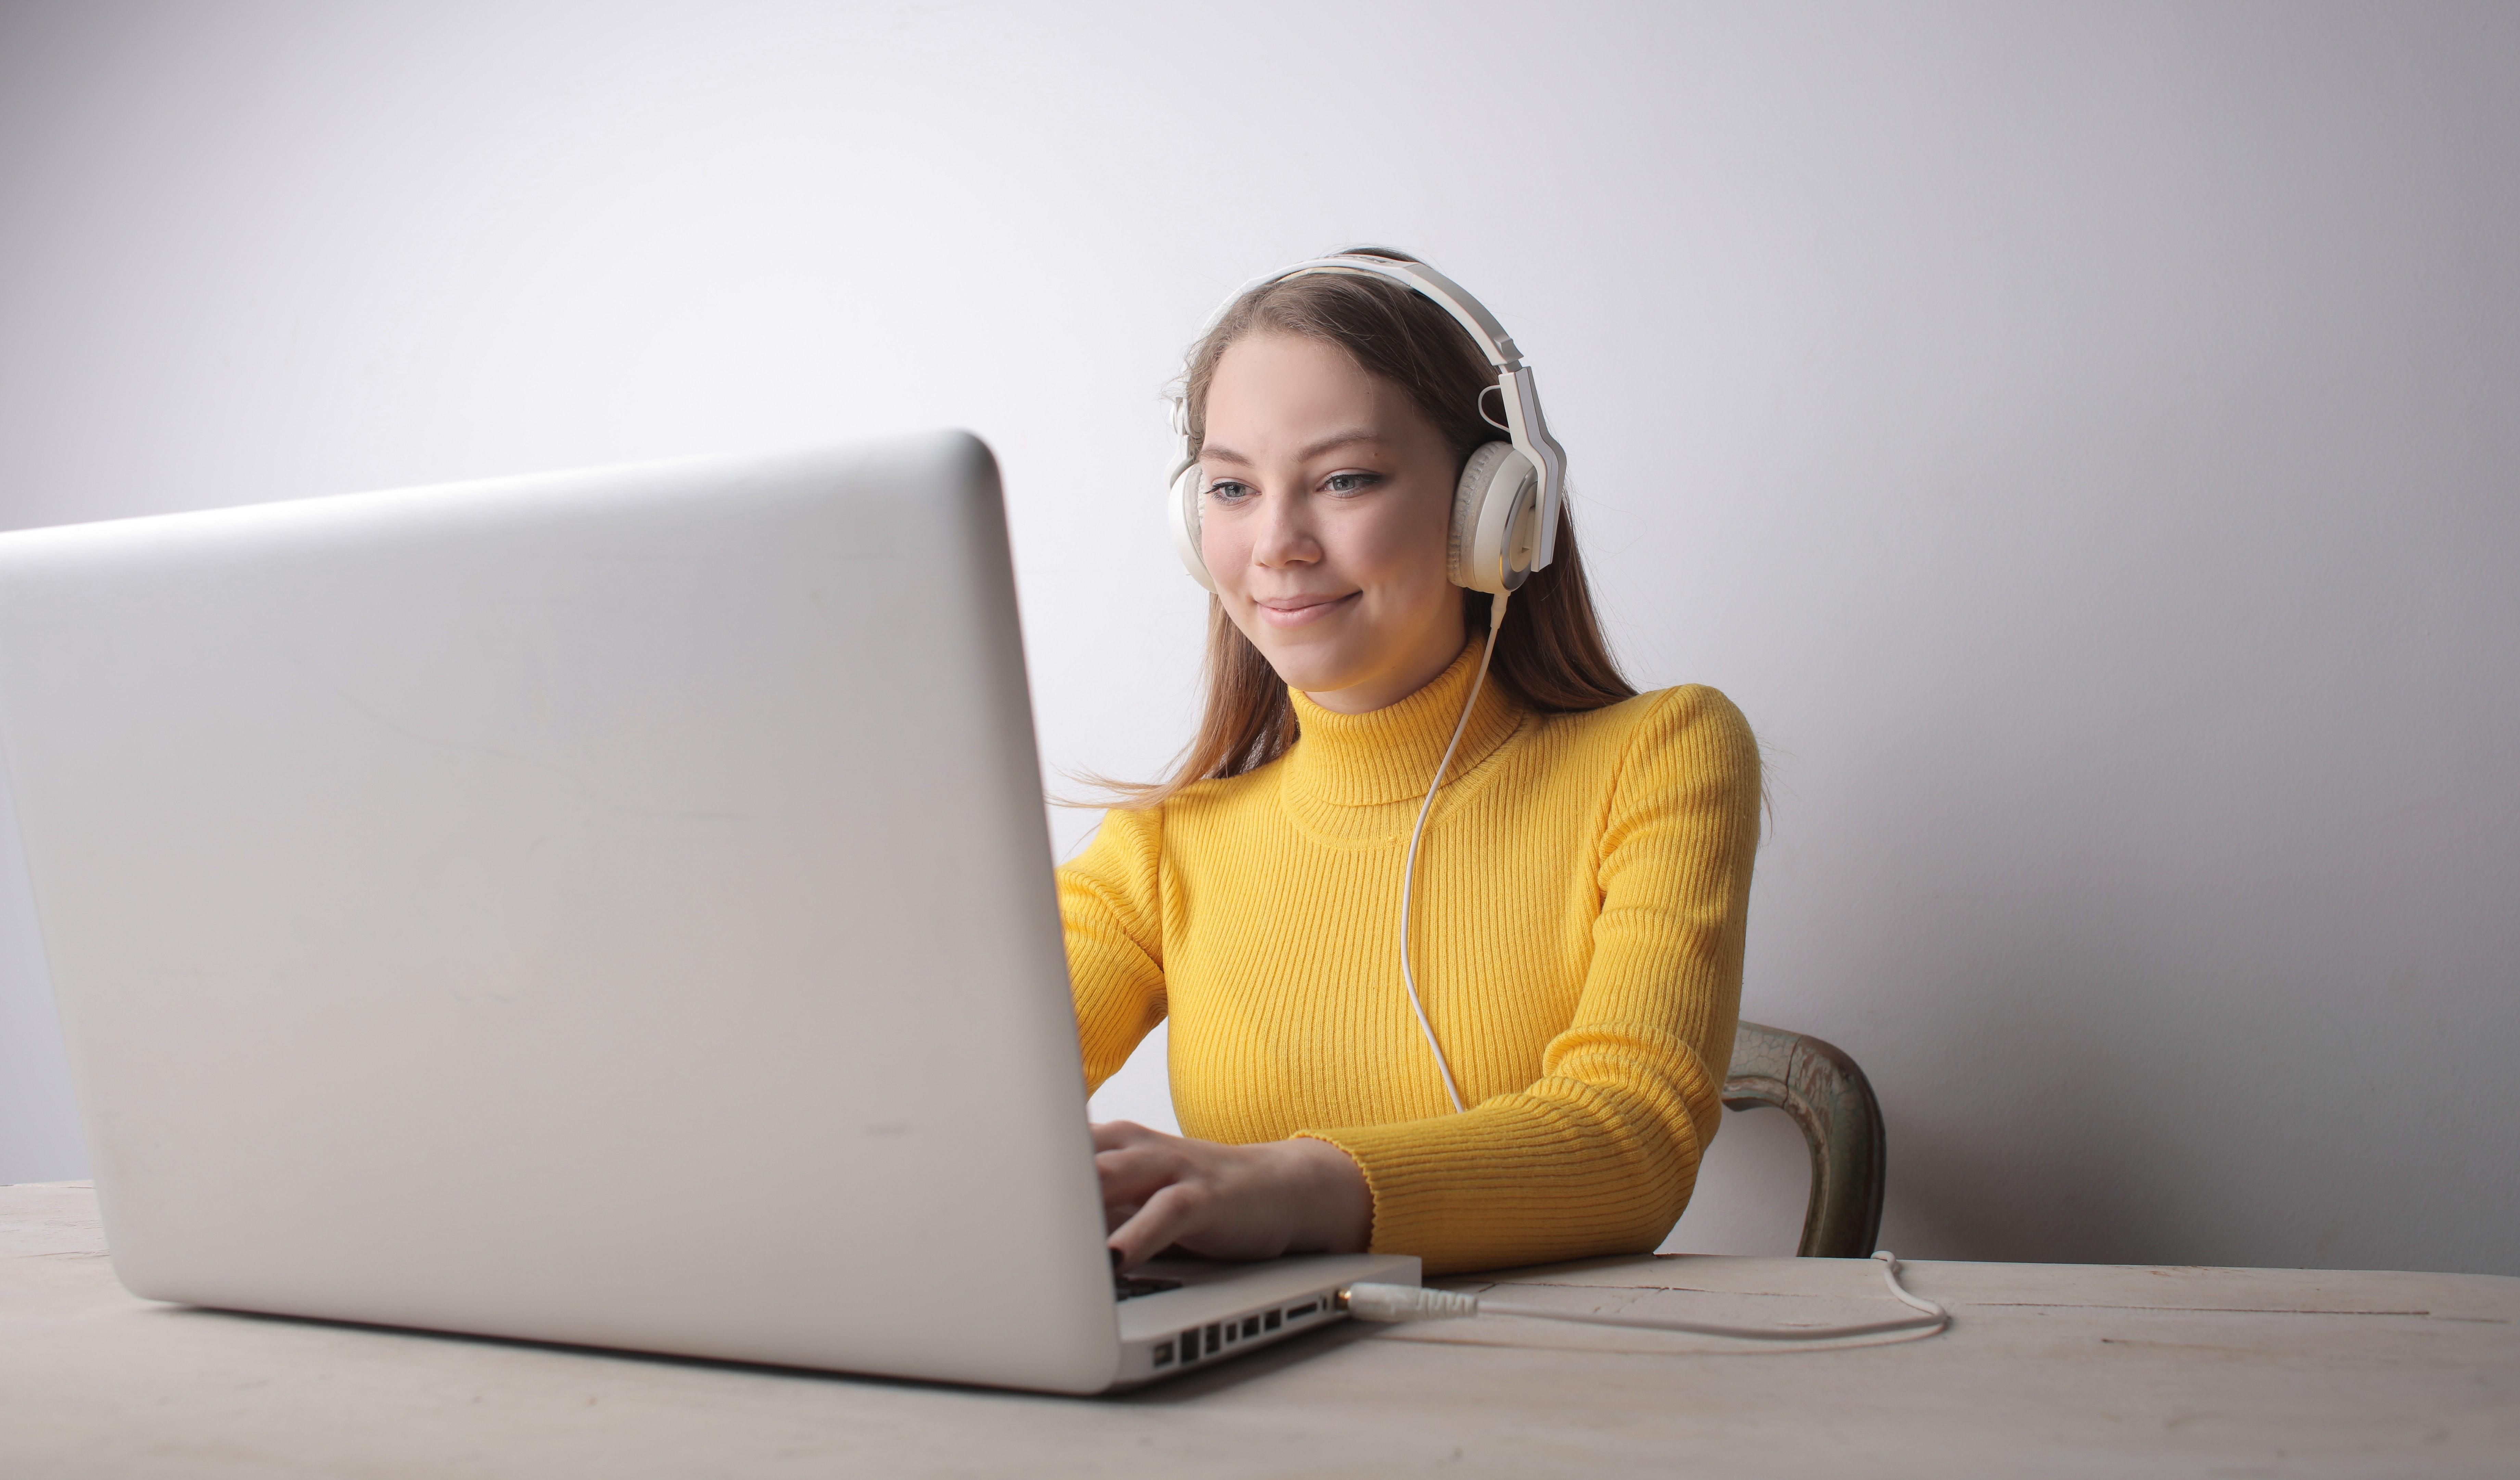 9 Online Video Etiquette Tips for Voice Actors